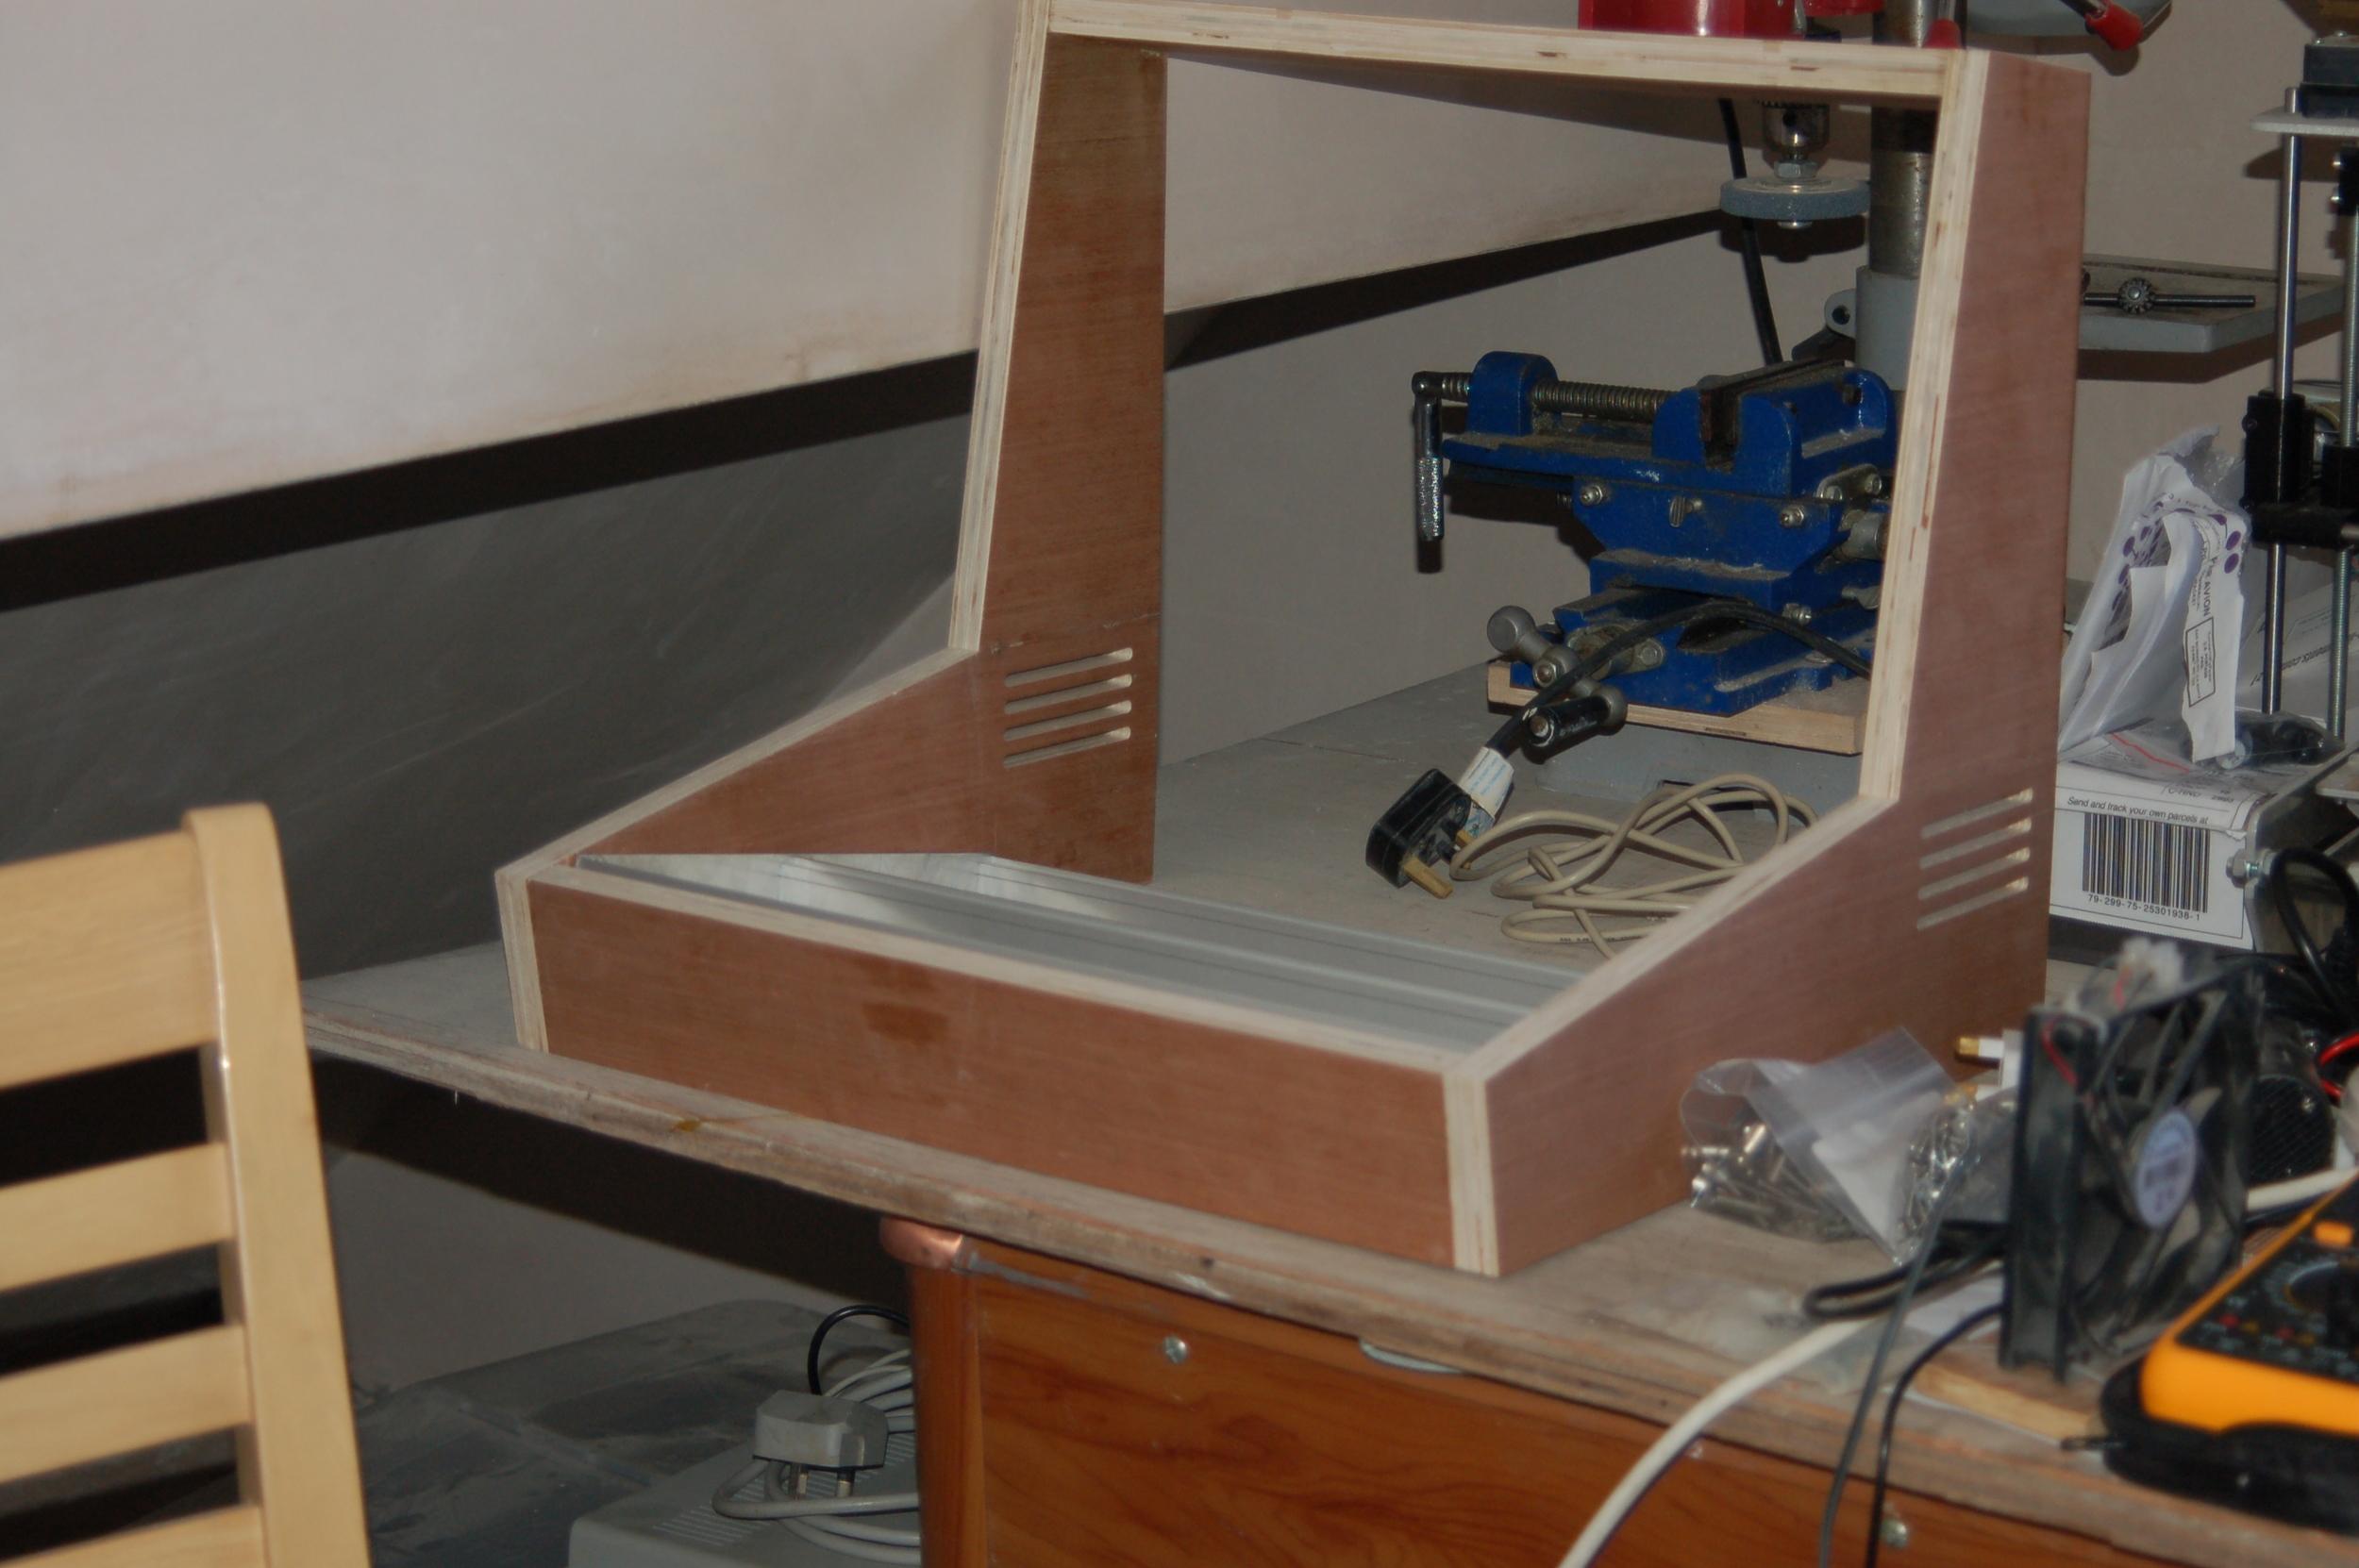 The plywood prototype